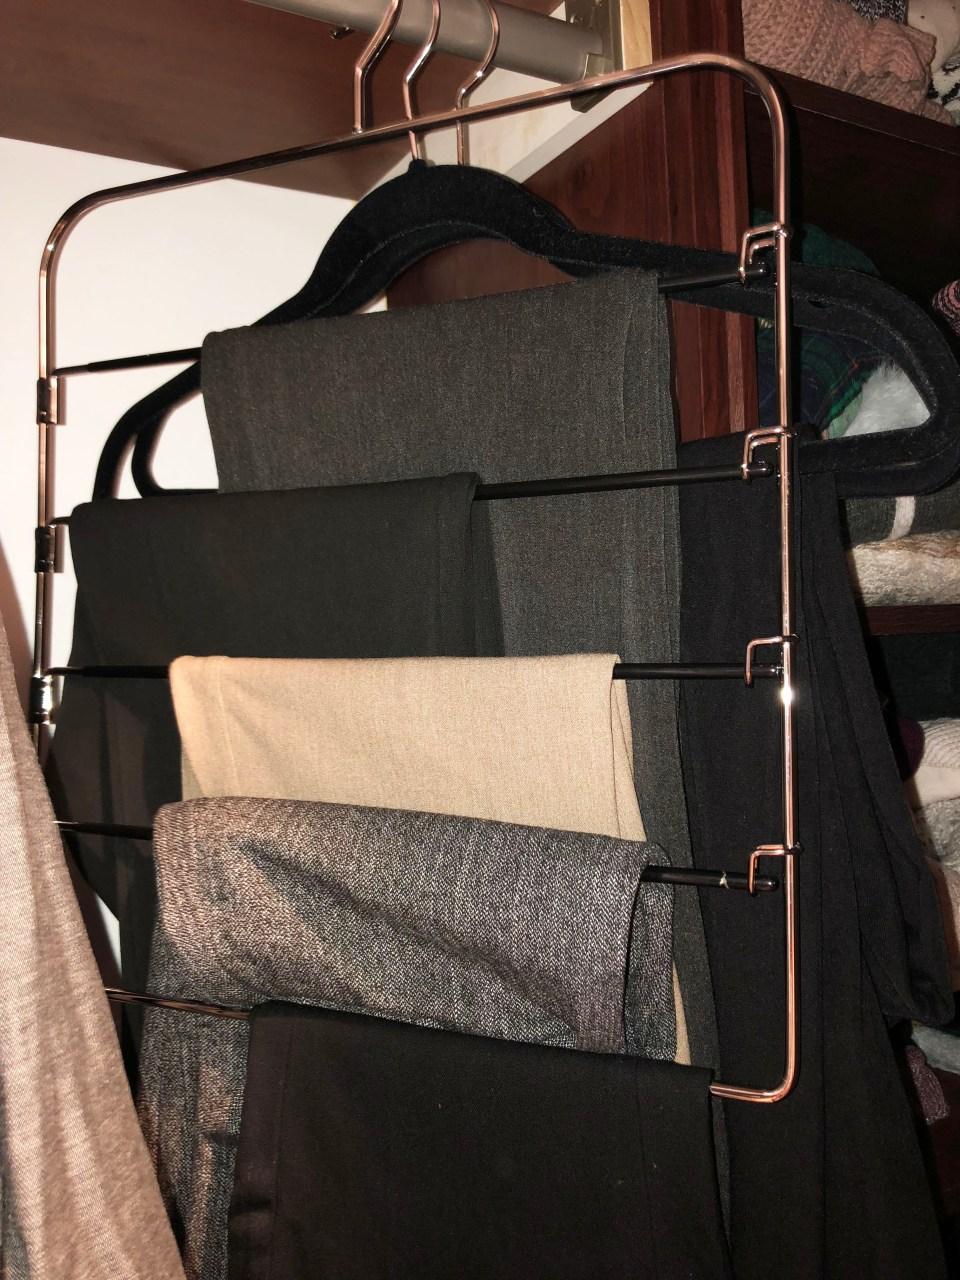 Pant Hanger